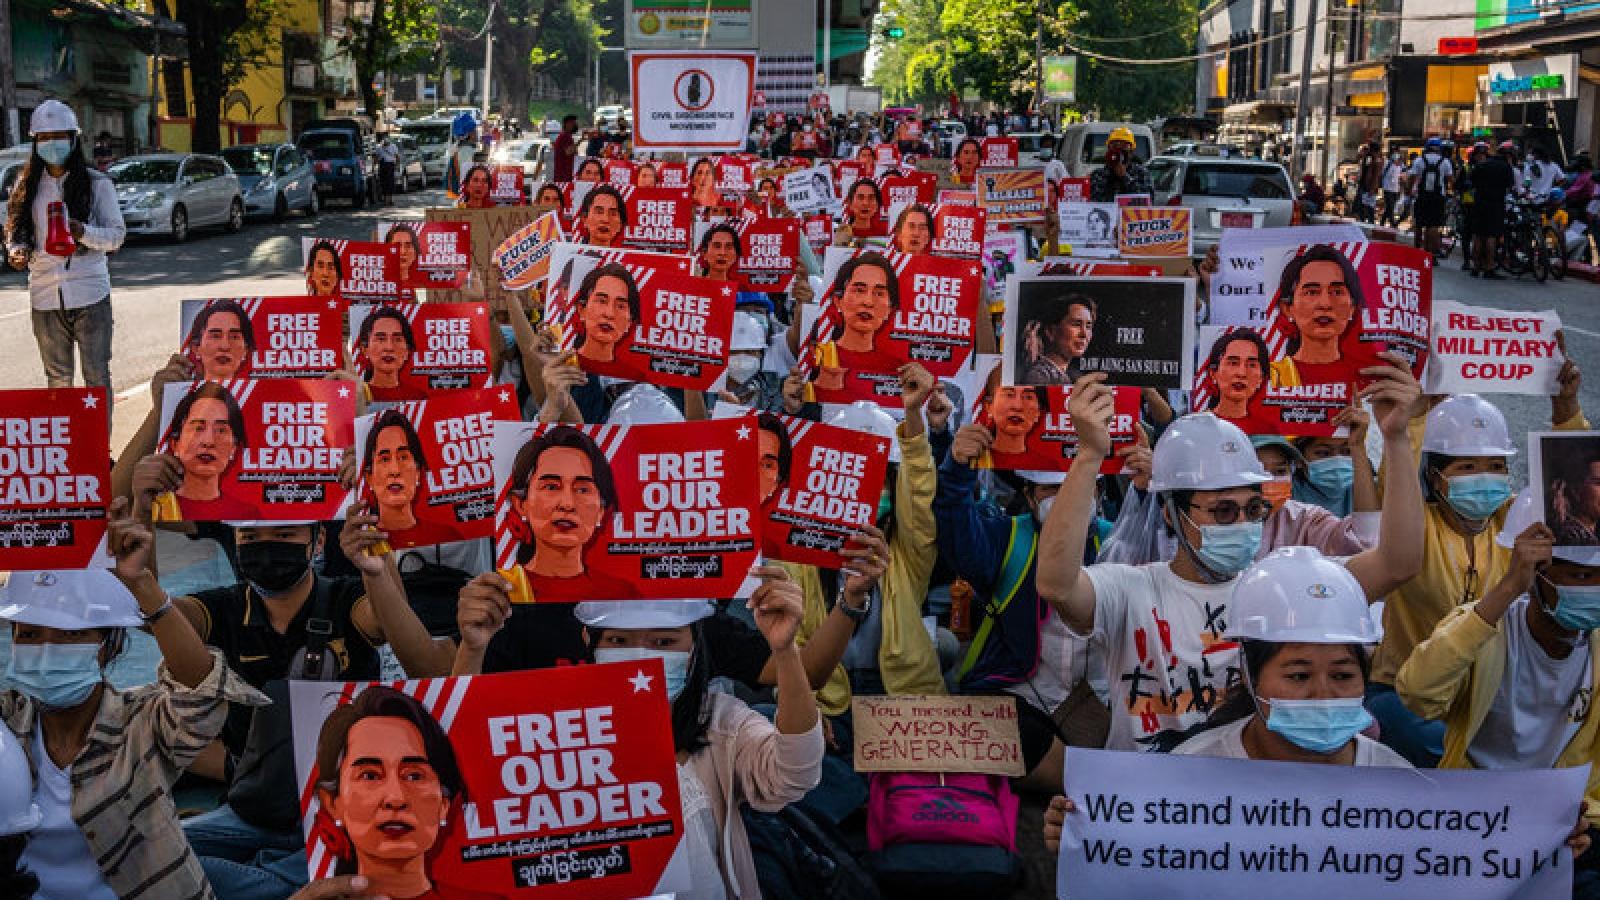 Mỹ trừng phạt giới chức quân sự Myanmar liên quan tới cuộc đảo chính hồi đầu tháng